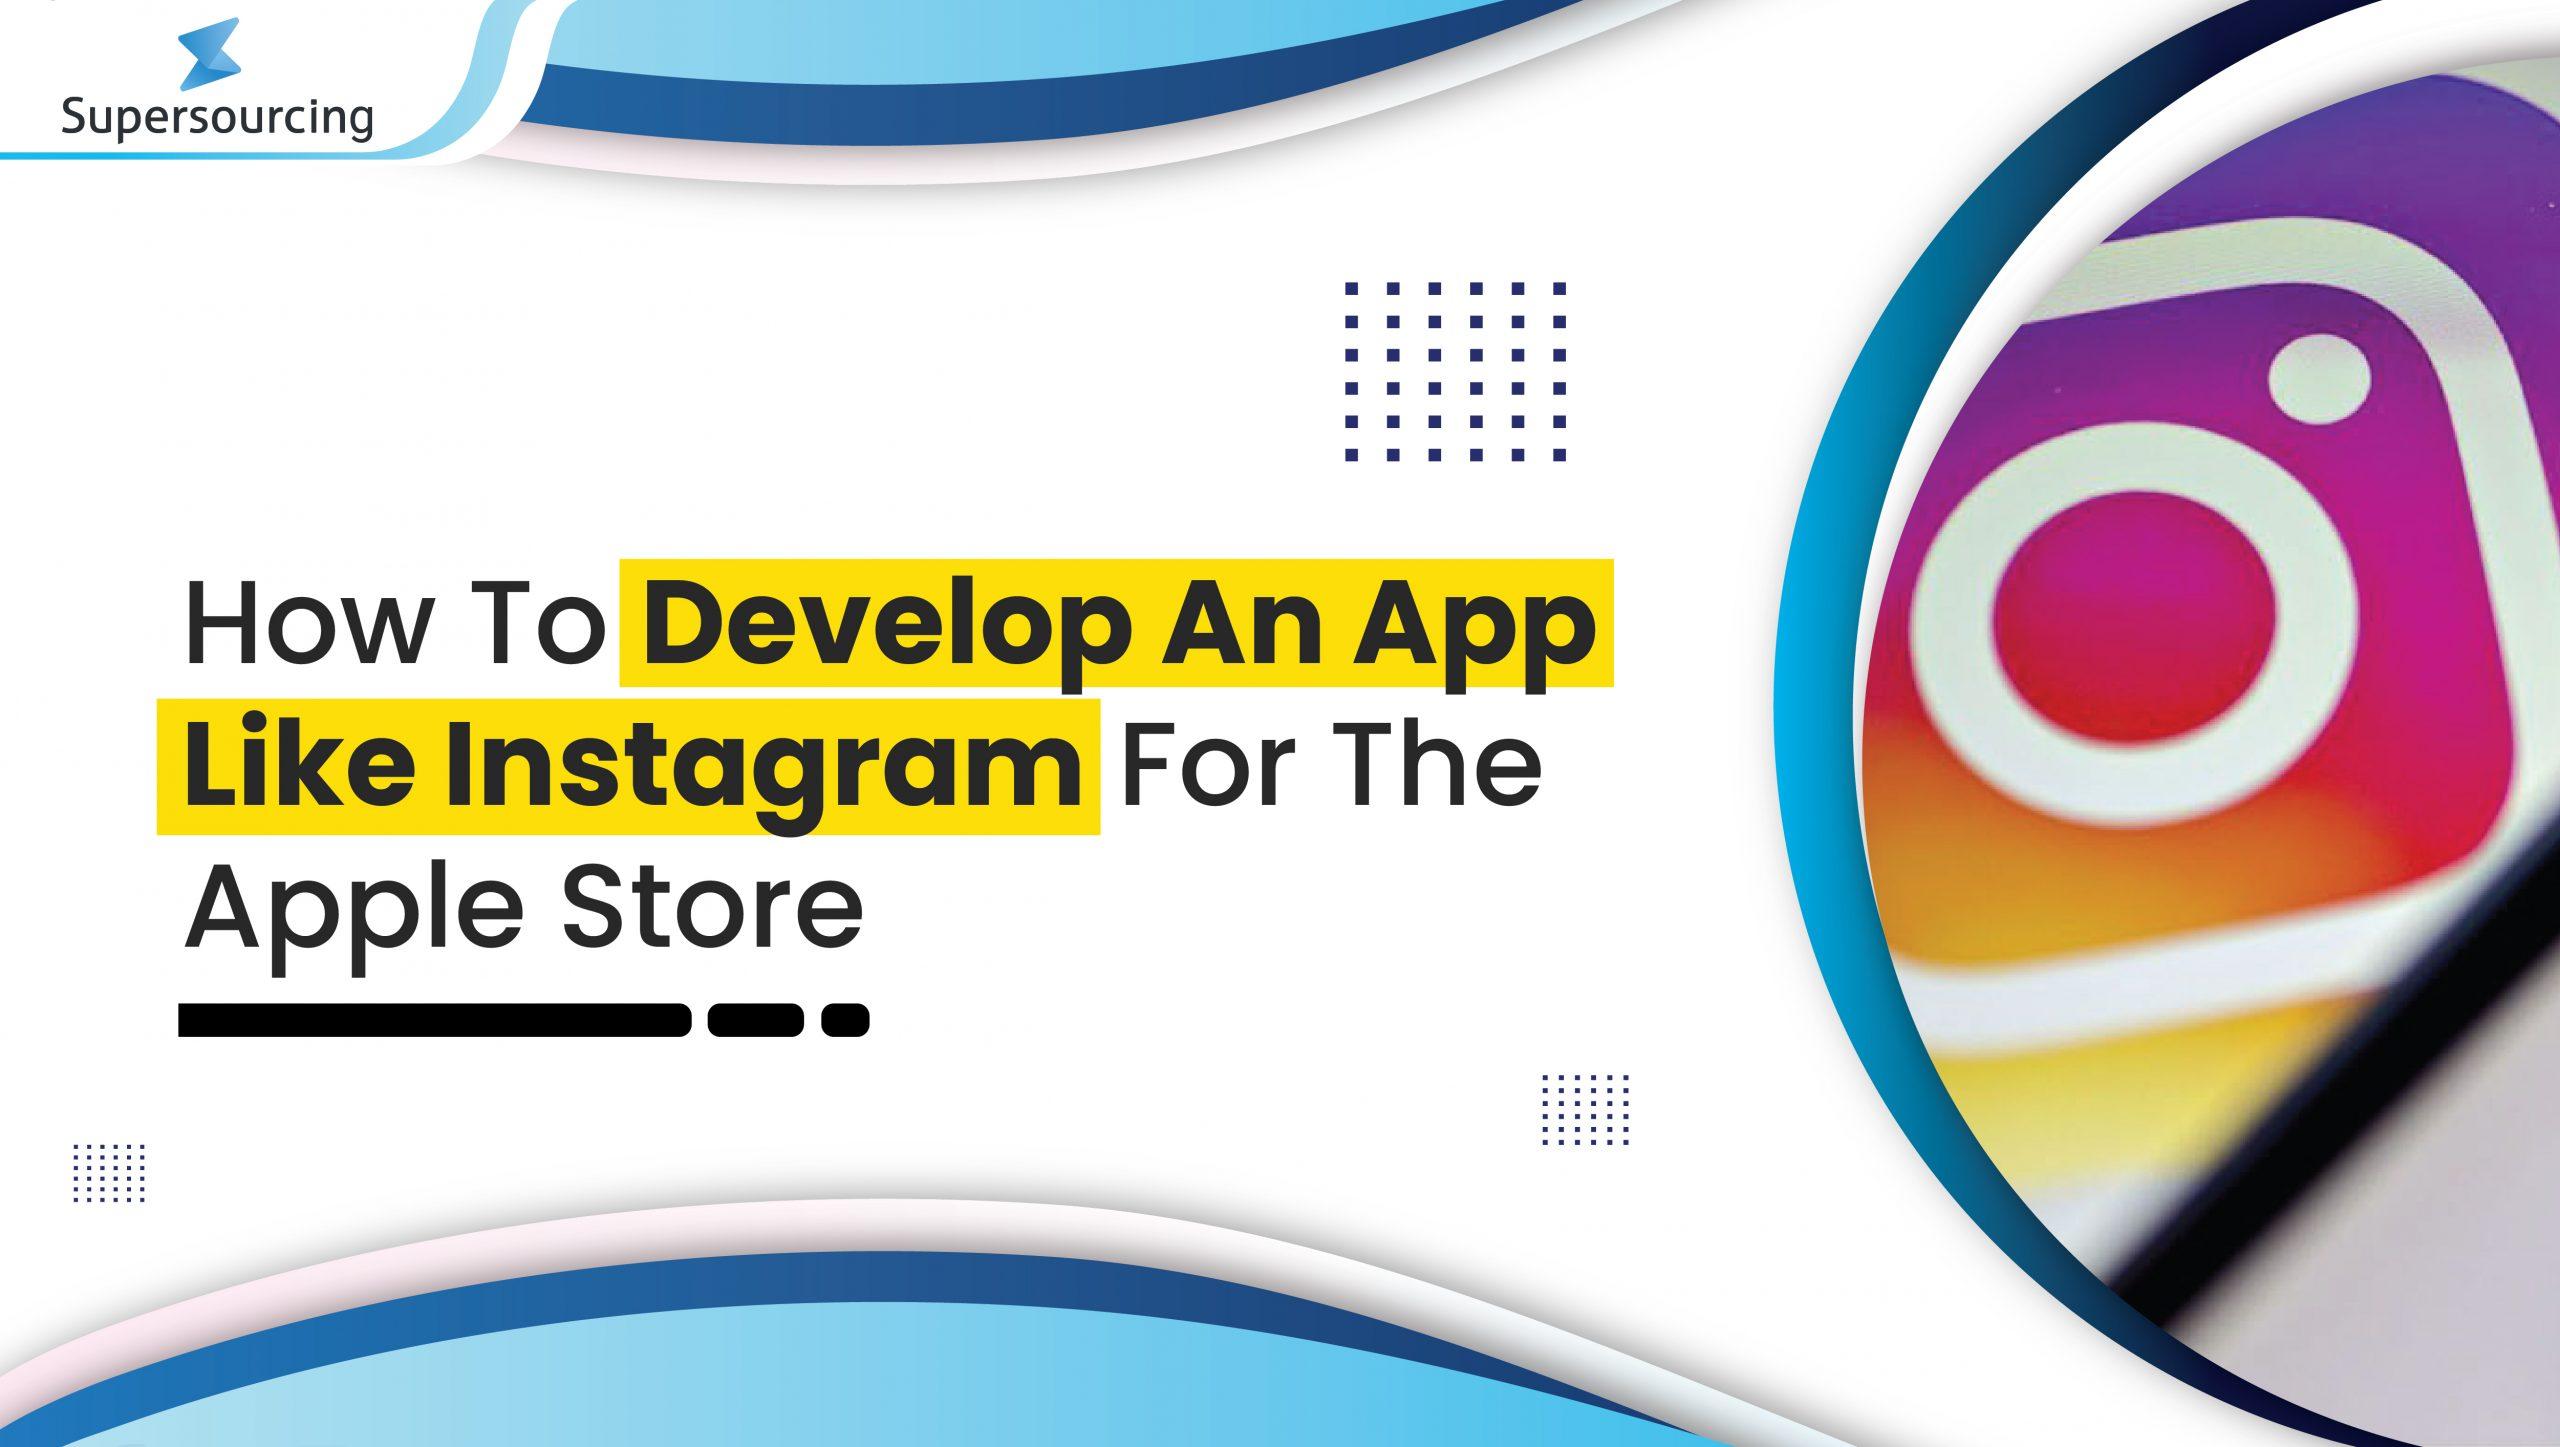 develop an app like Instagram